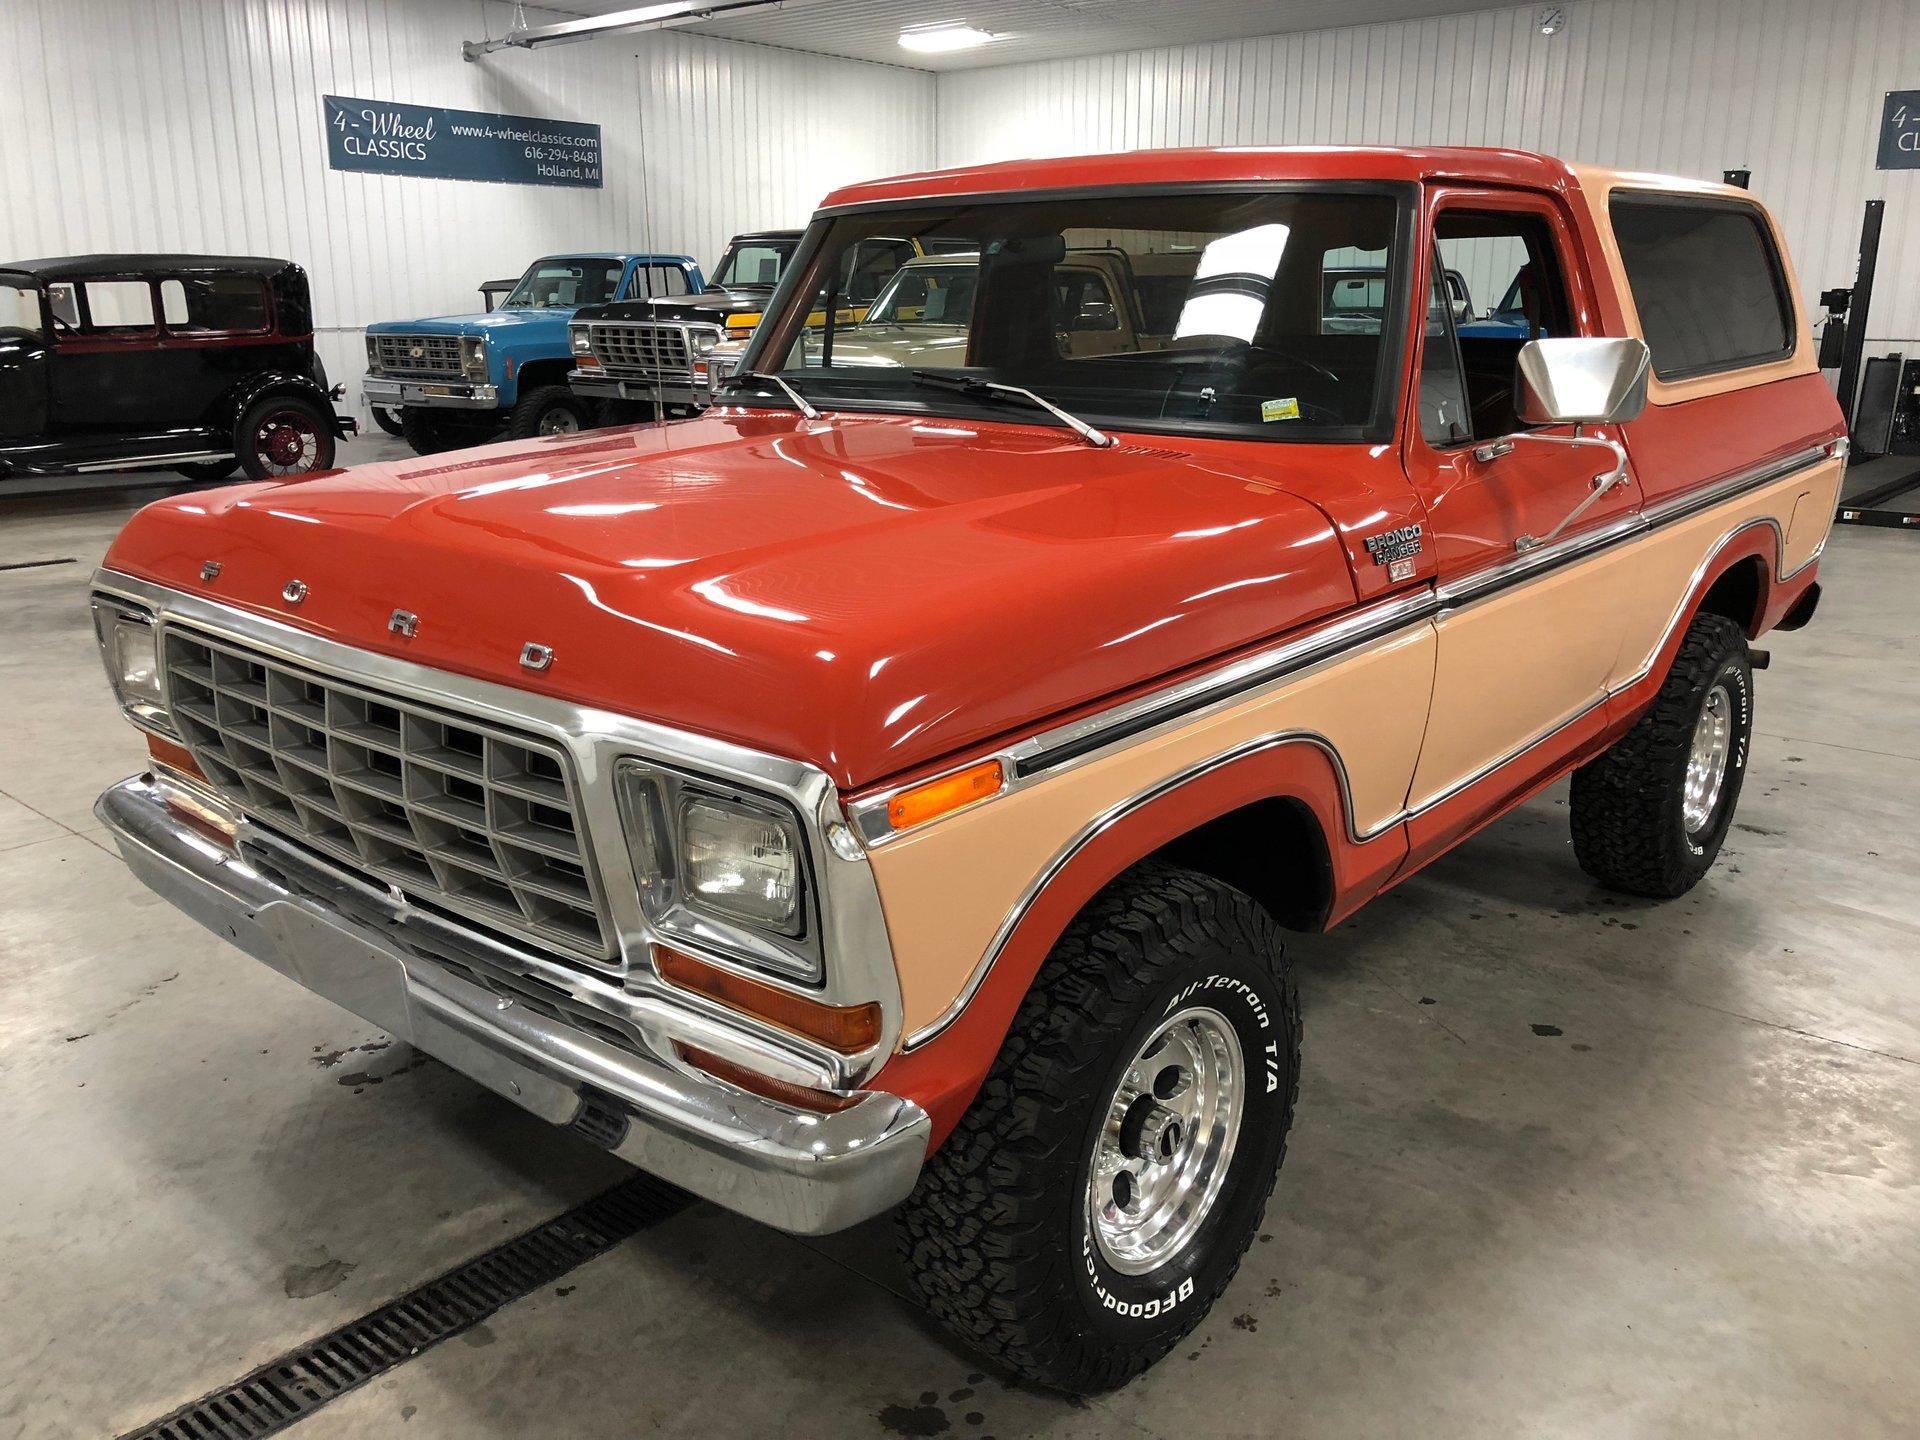 Ausgezeichnet 1978 Ford Bronco Specs Galerie - Elektrische ...